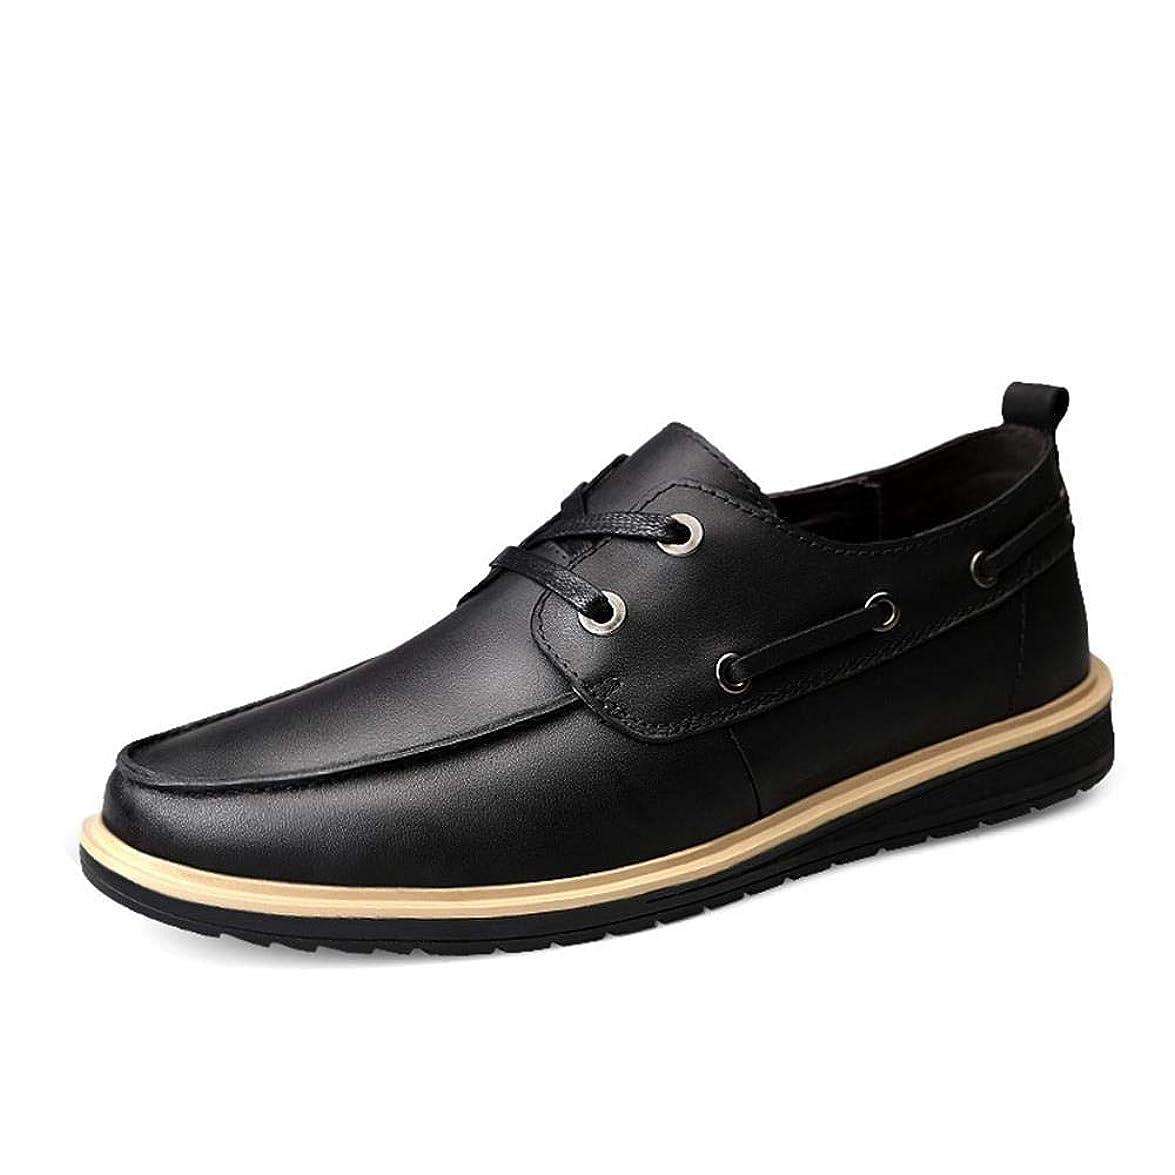 シェードキー超えて男性用革靴 男性用 革靴 革 ハゲ帯 男性用 ビジネス カジュアル 靴 男性用 革靴 丸い靴